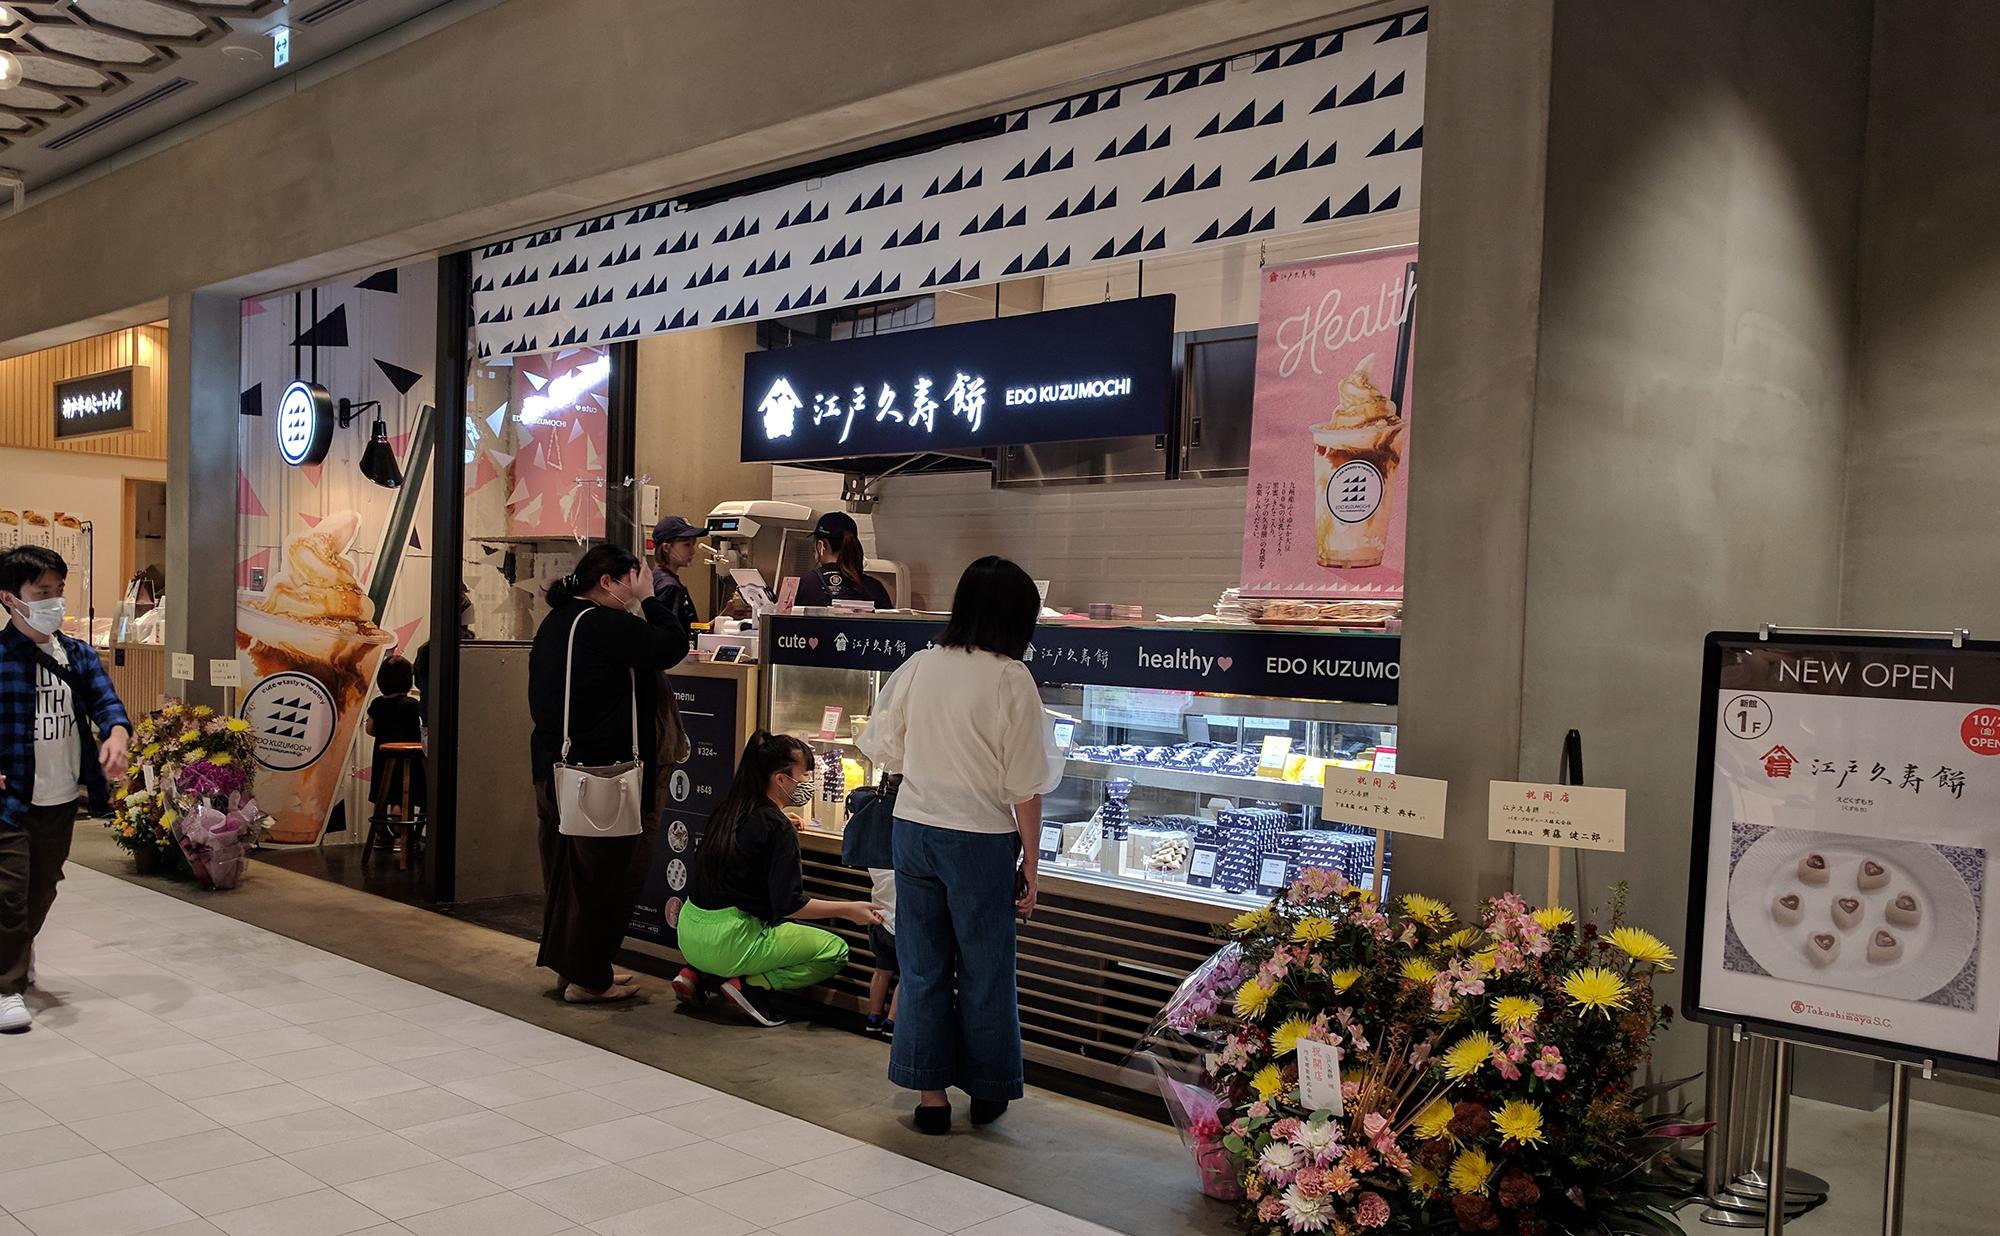 江戸久寿餅 日本橋高島屋 S.C. 1階 店頭の様子